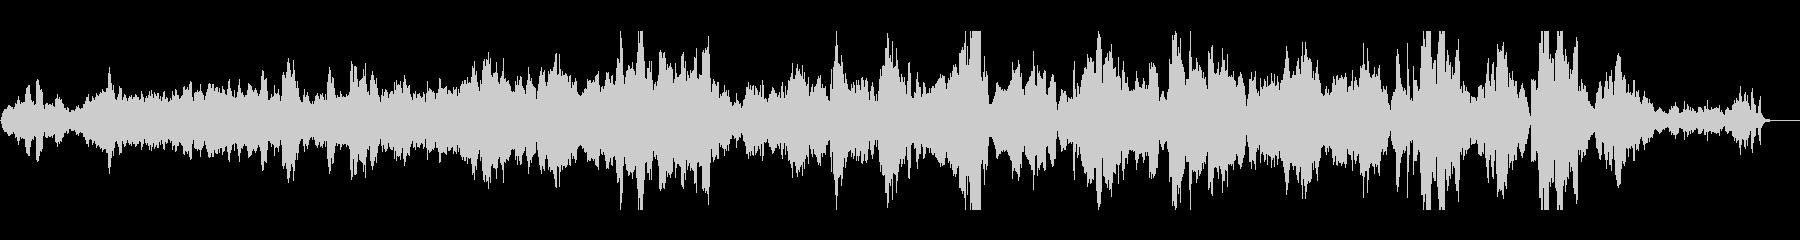 チャーンオルガン。ライブ録音。の未再生の波形